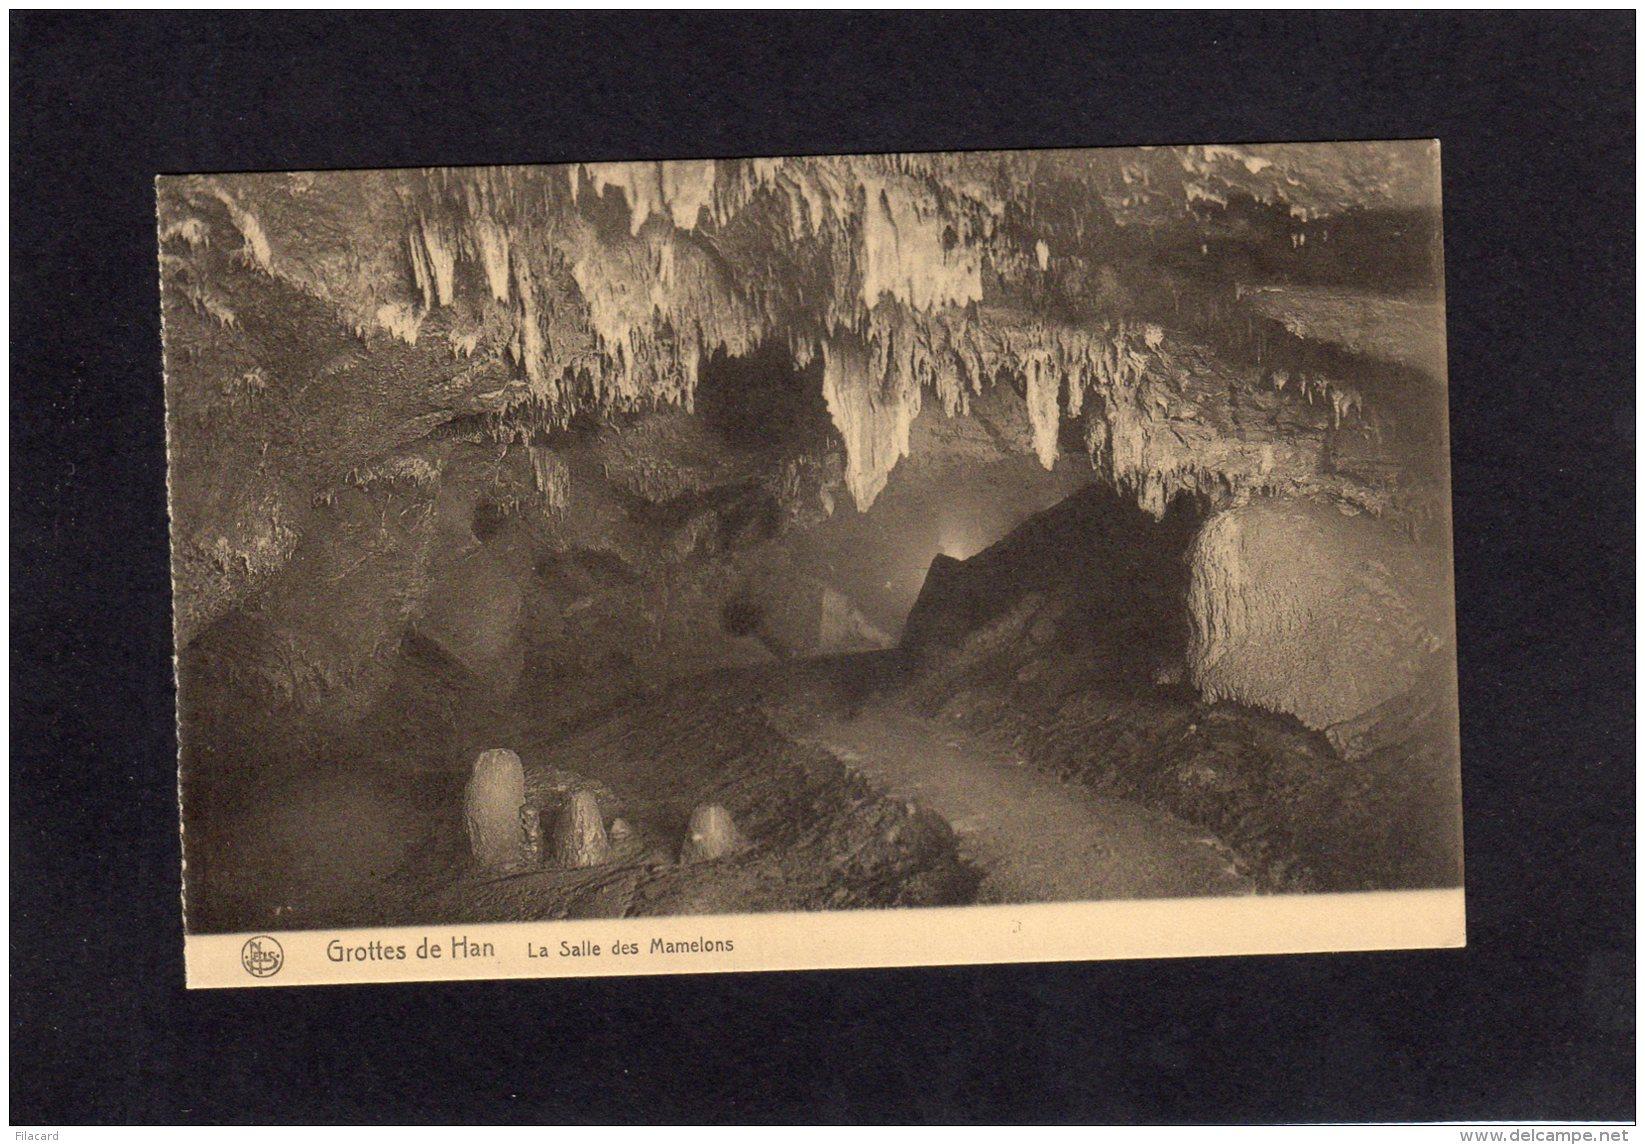 72248    Belgio,   Grottes De Han,   La  Salle Des Mamelons,  NV - Rochefort